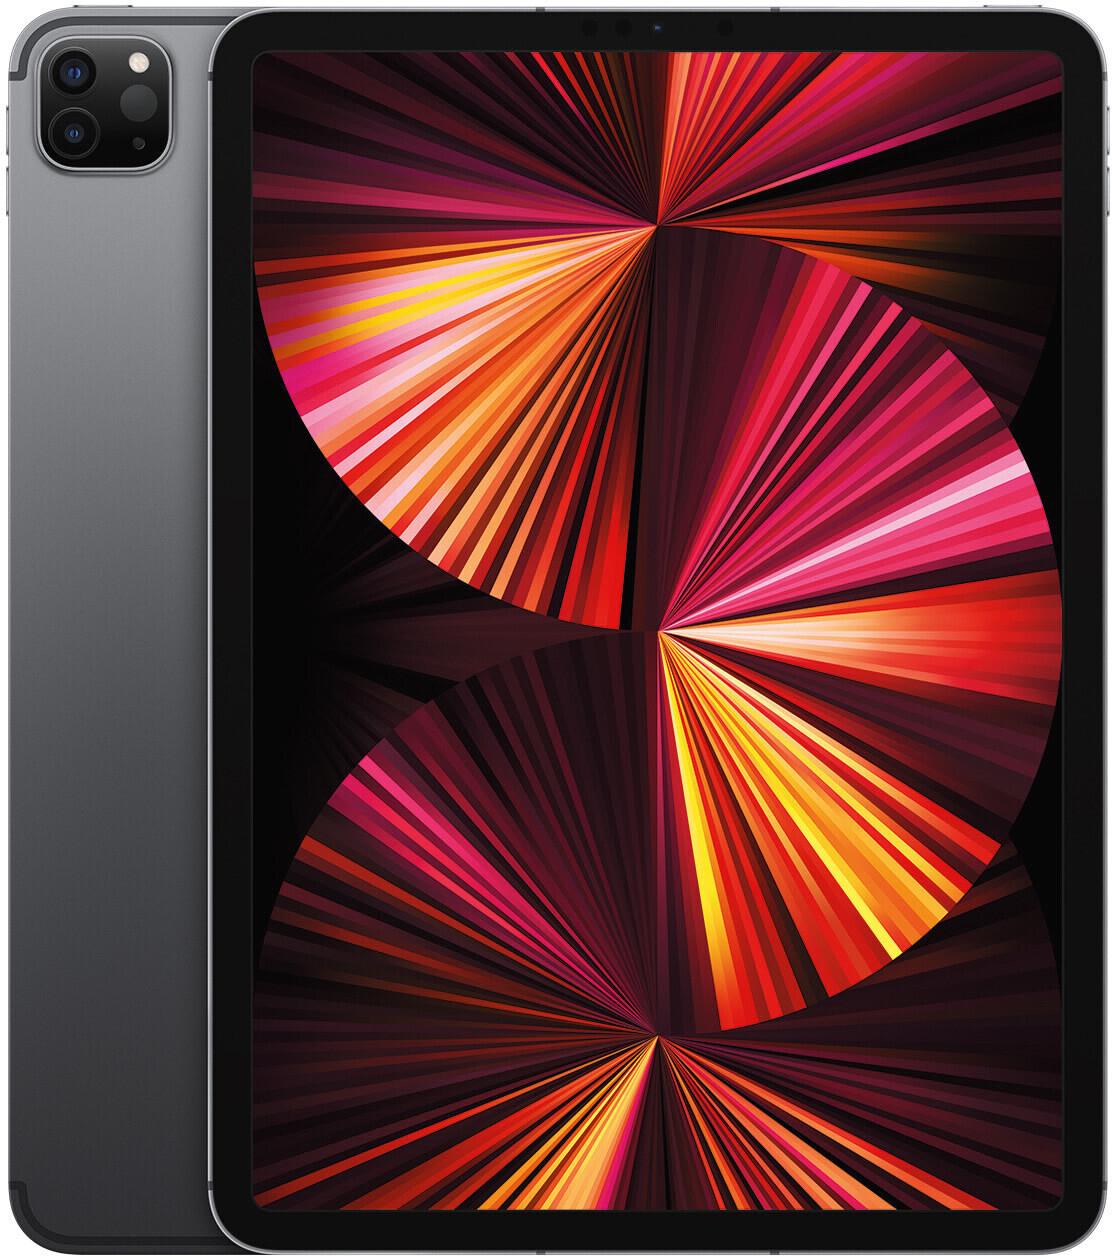 """Apple iPad Pro 11"""" 5G 128GB (2021) für 219€ ZZ mit 30GB LTE (100 Mbit/s) mobilcom-debitel Tarif (Vodafone-Netz) für mtl. 39,99€"""